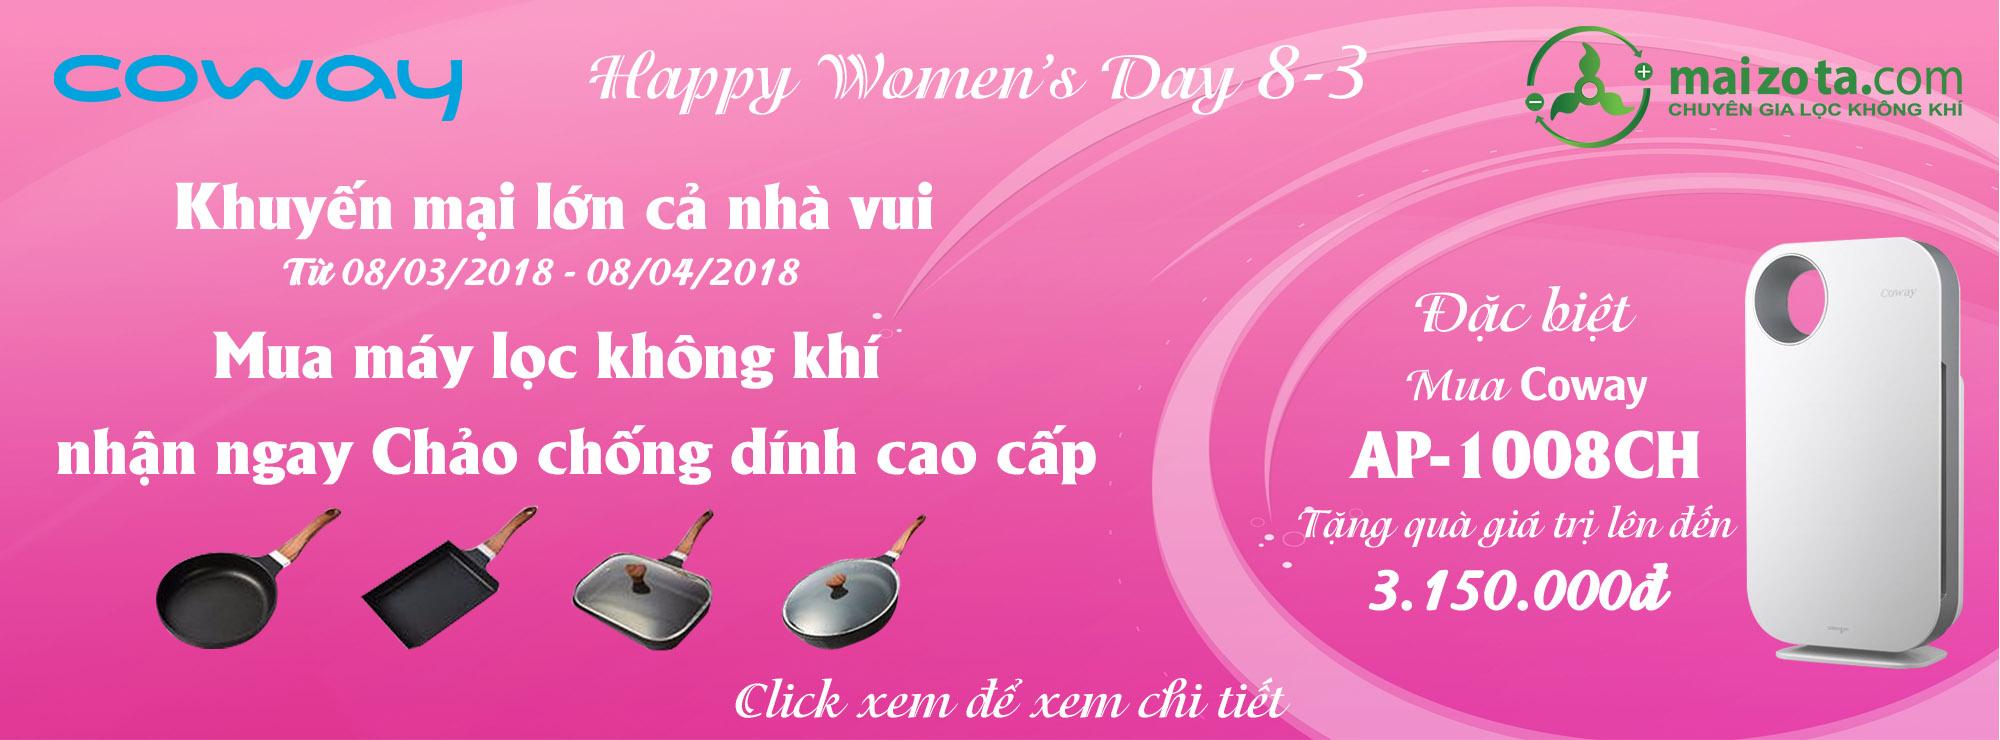 happy-wonmens-day-qua-tang-hap-dan-tu-coway